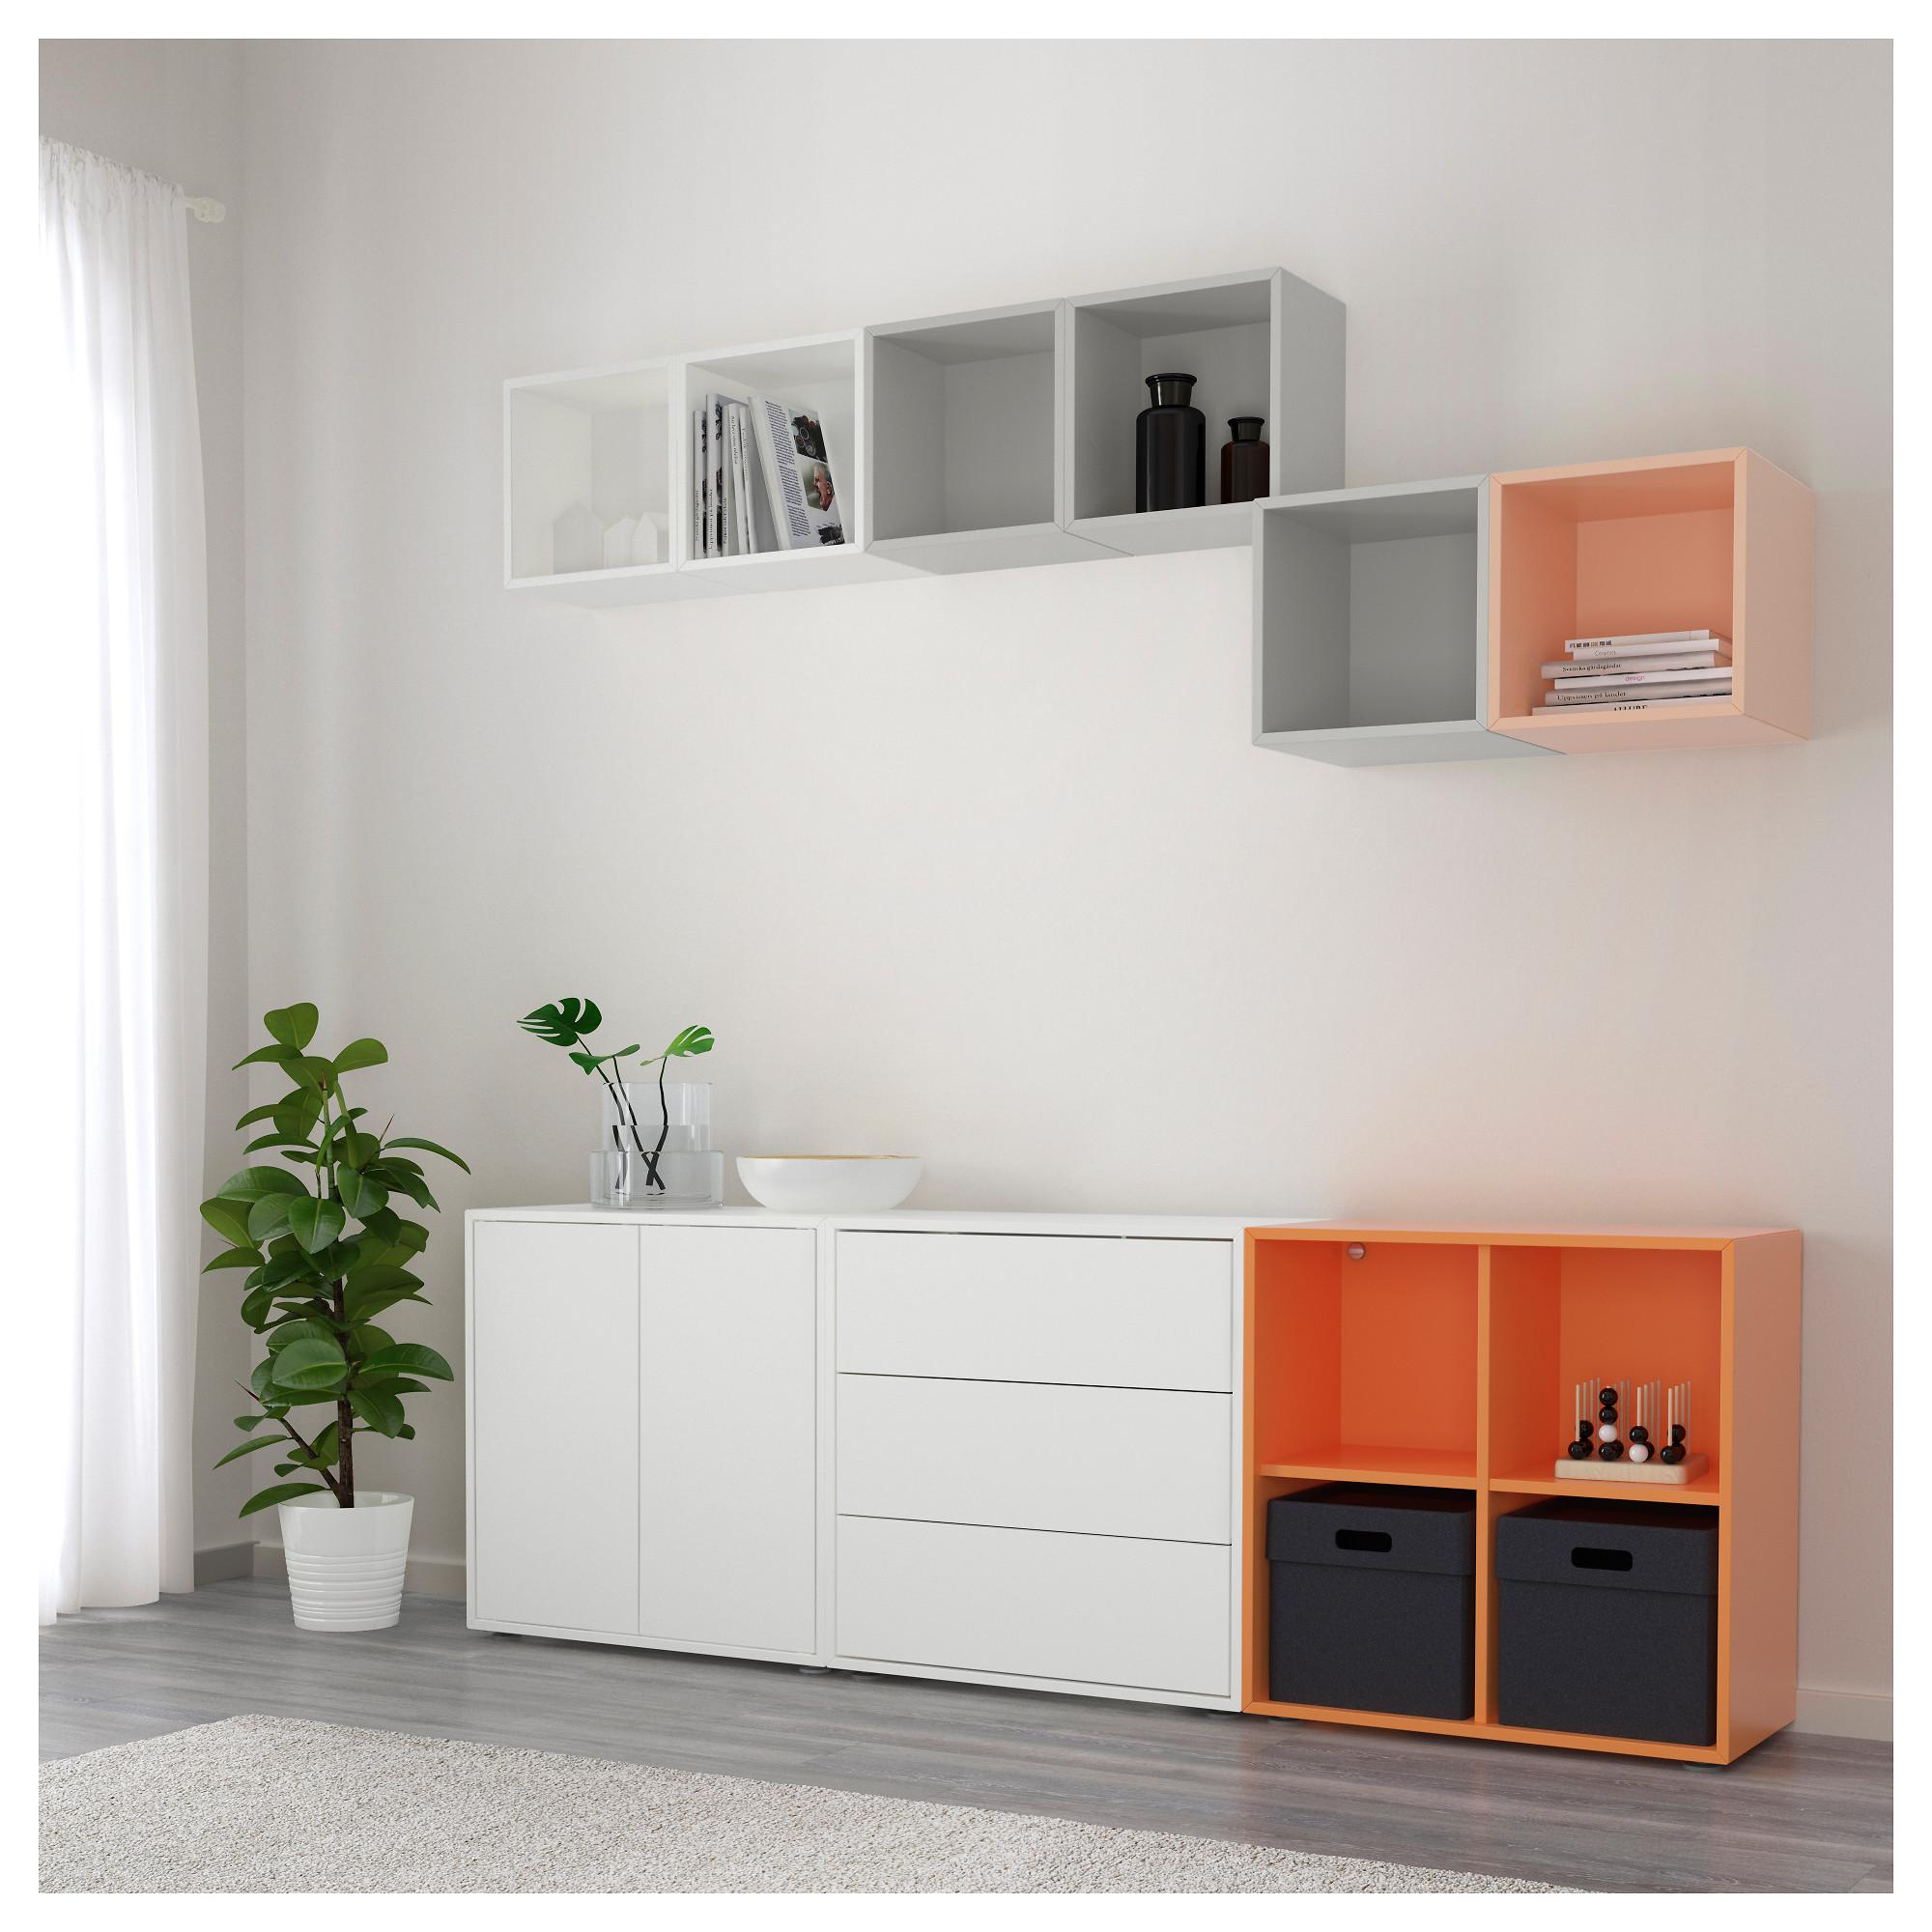 Купить комбинация шкафов с ножками экет, разноцветный в ikea.